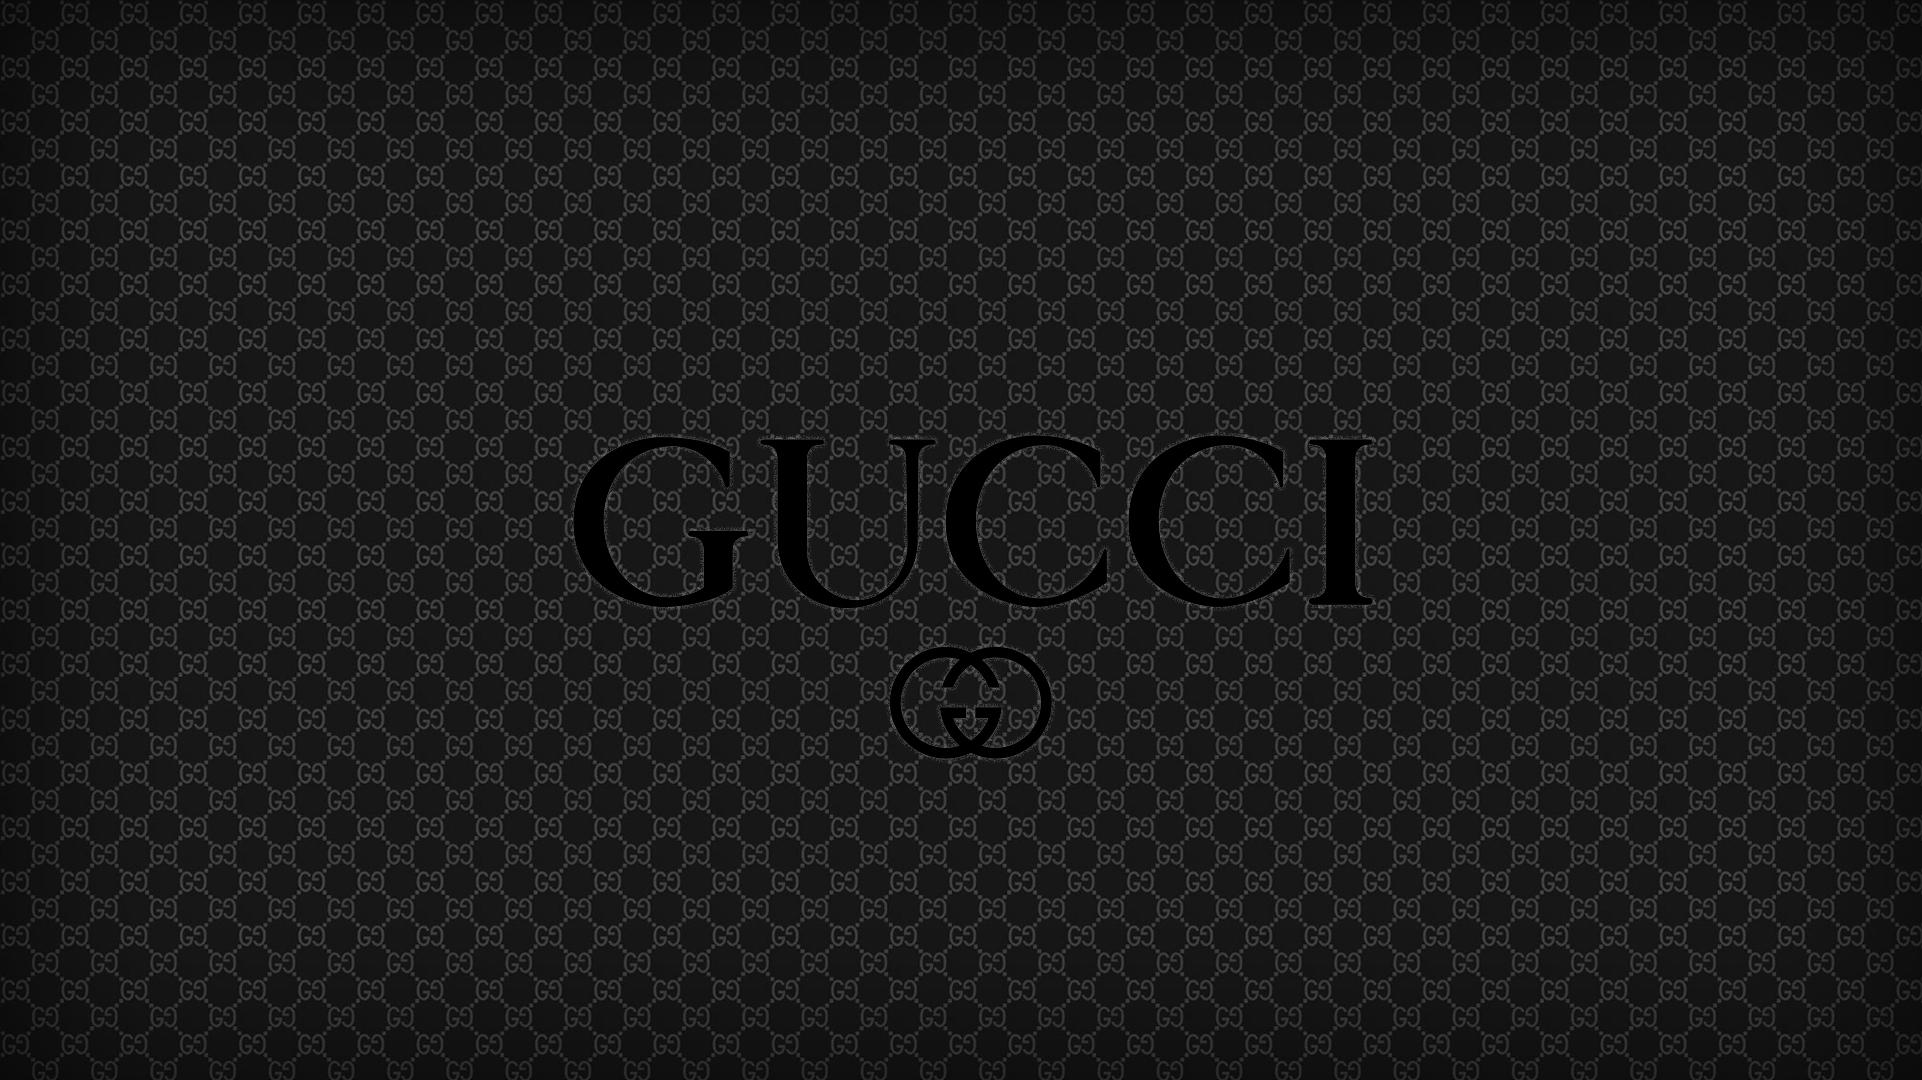 gucci store hd wallpaper - photo #14